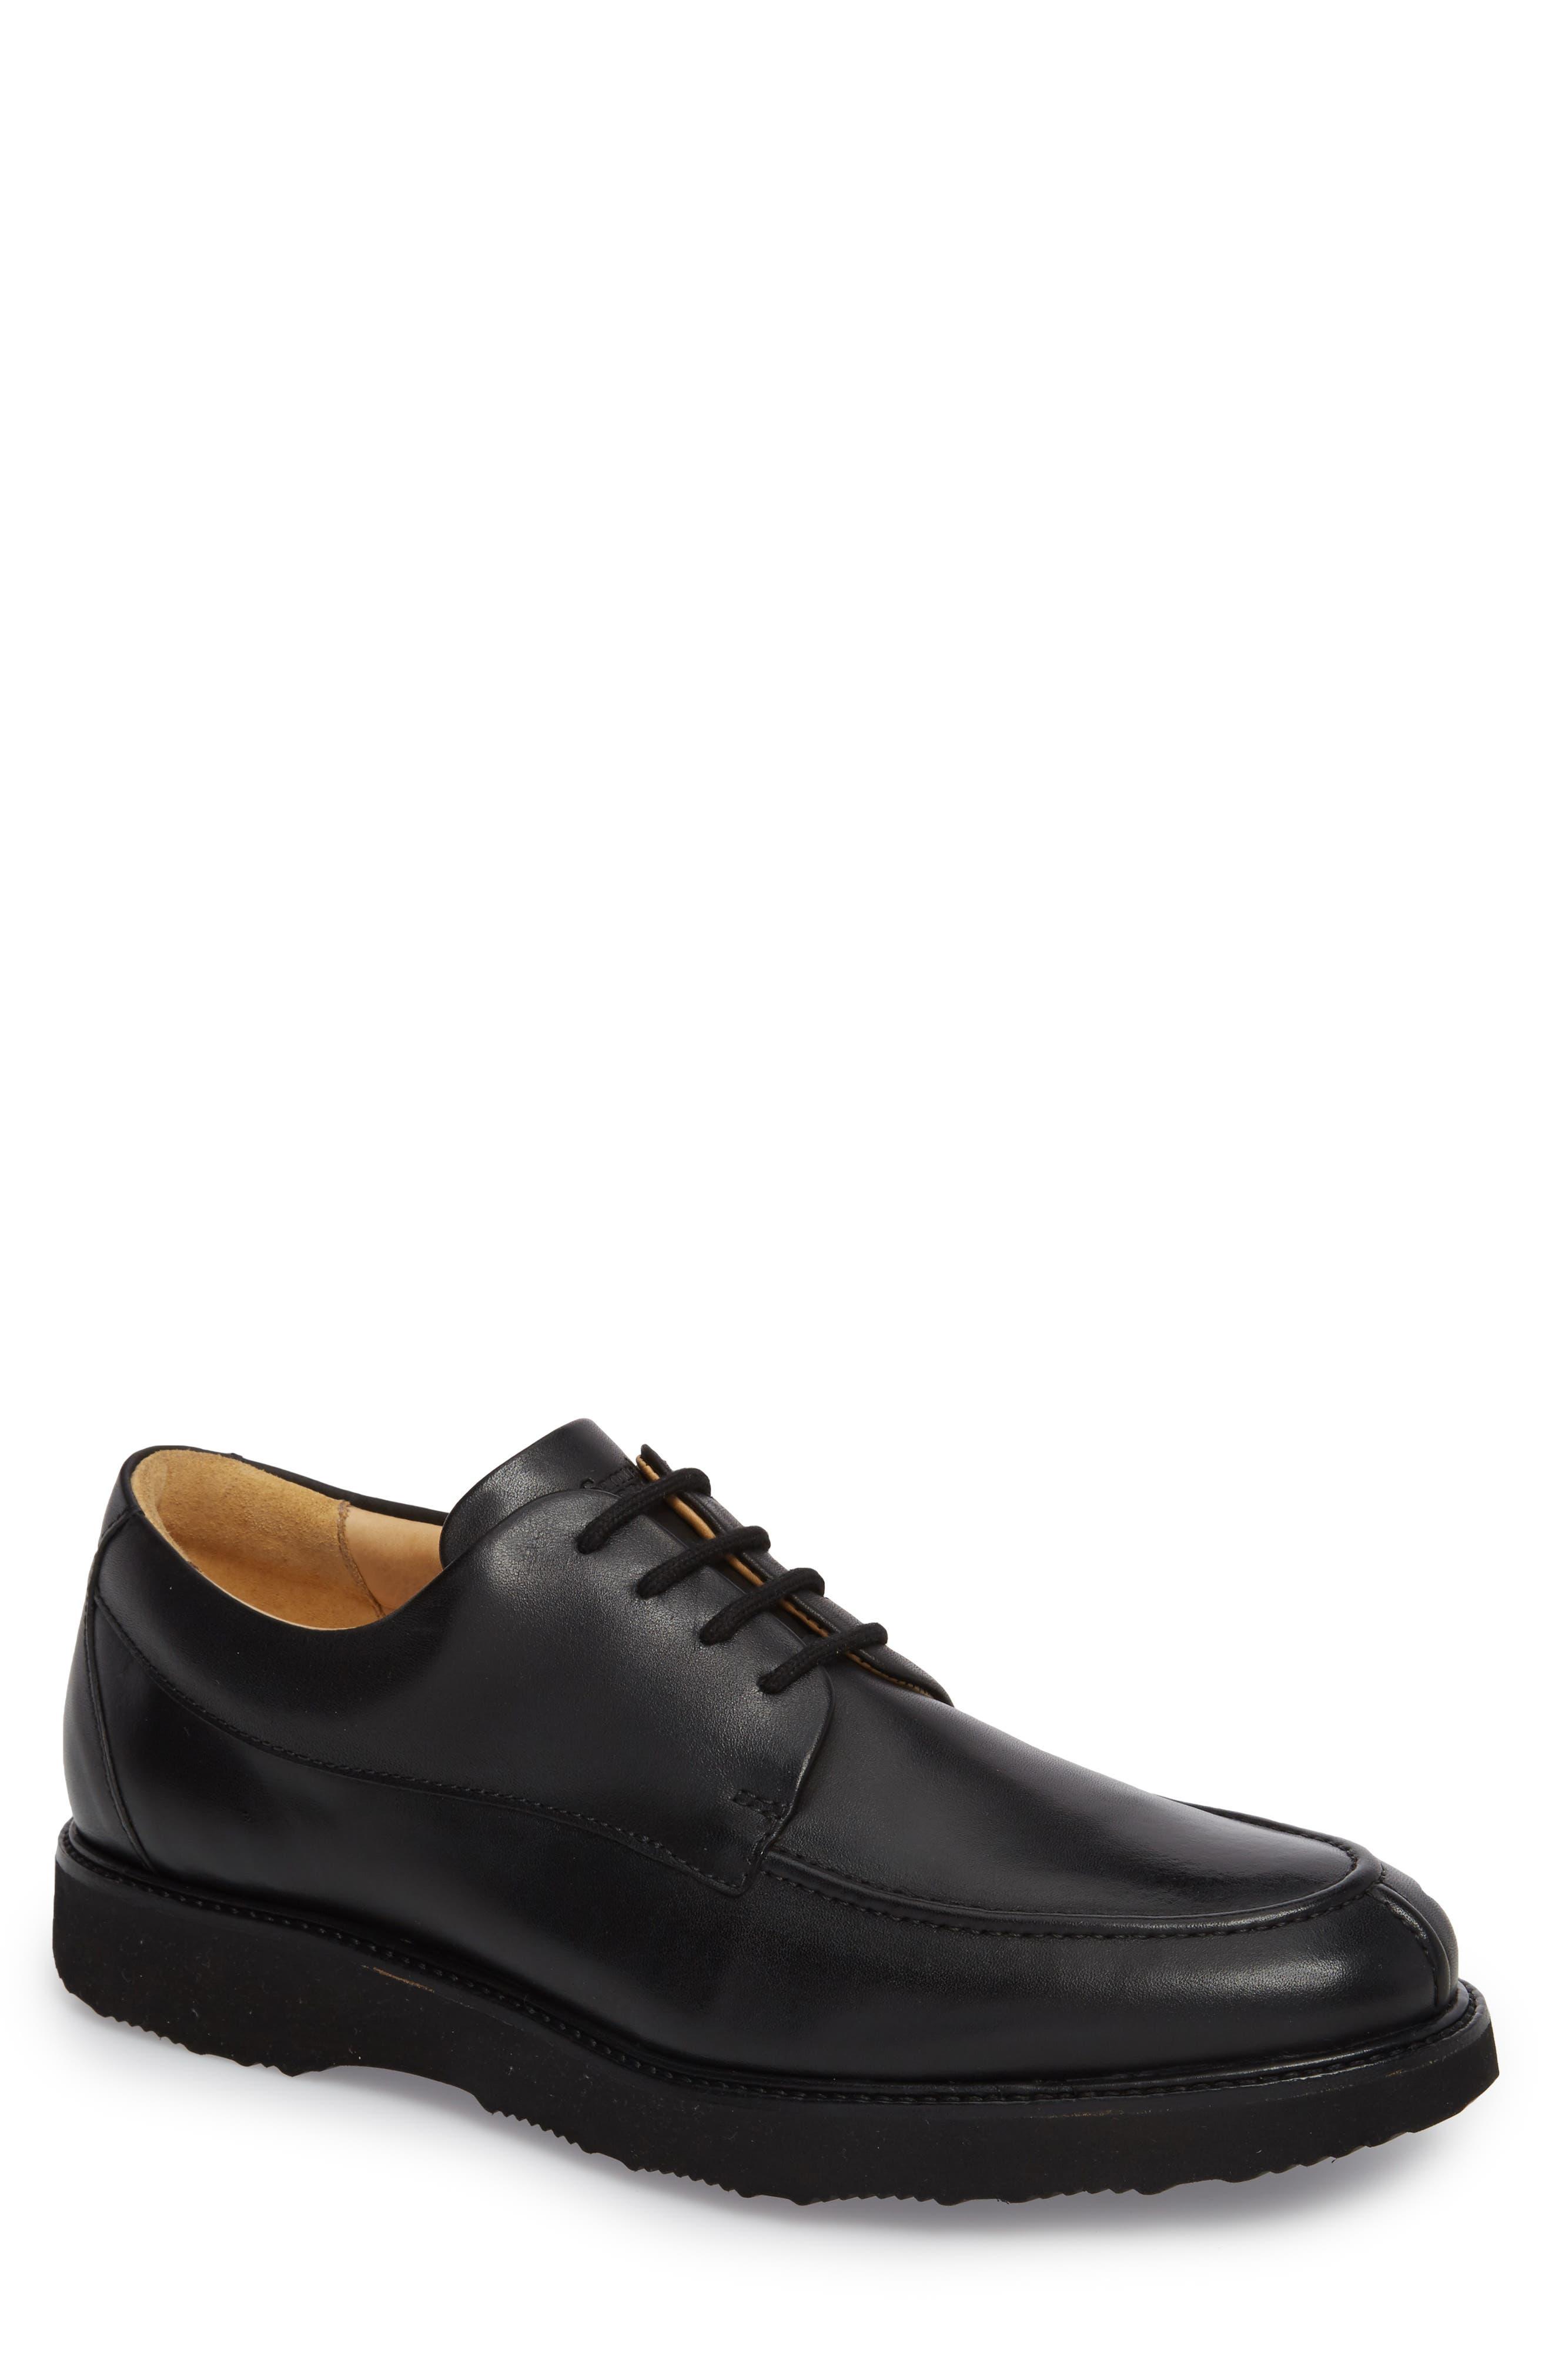 City Legend Derby,                         Main,                         color, Black Leather